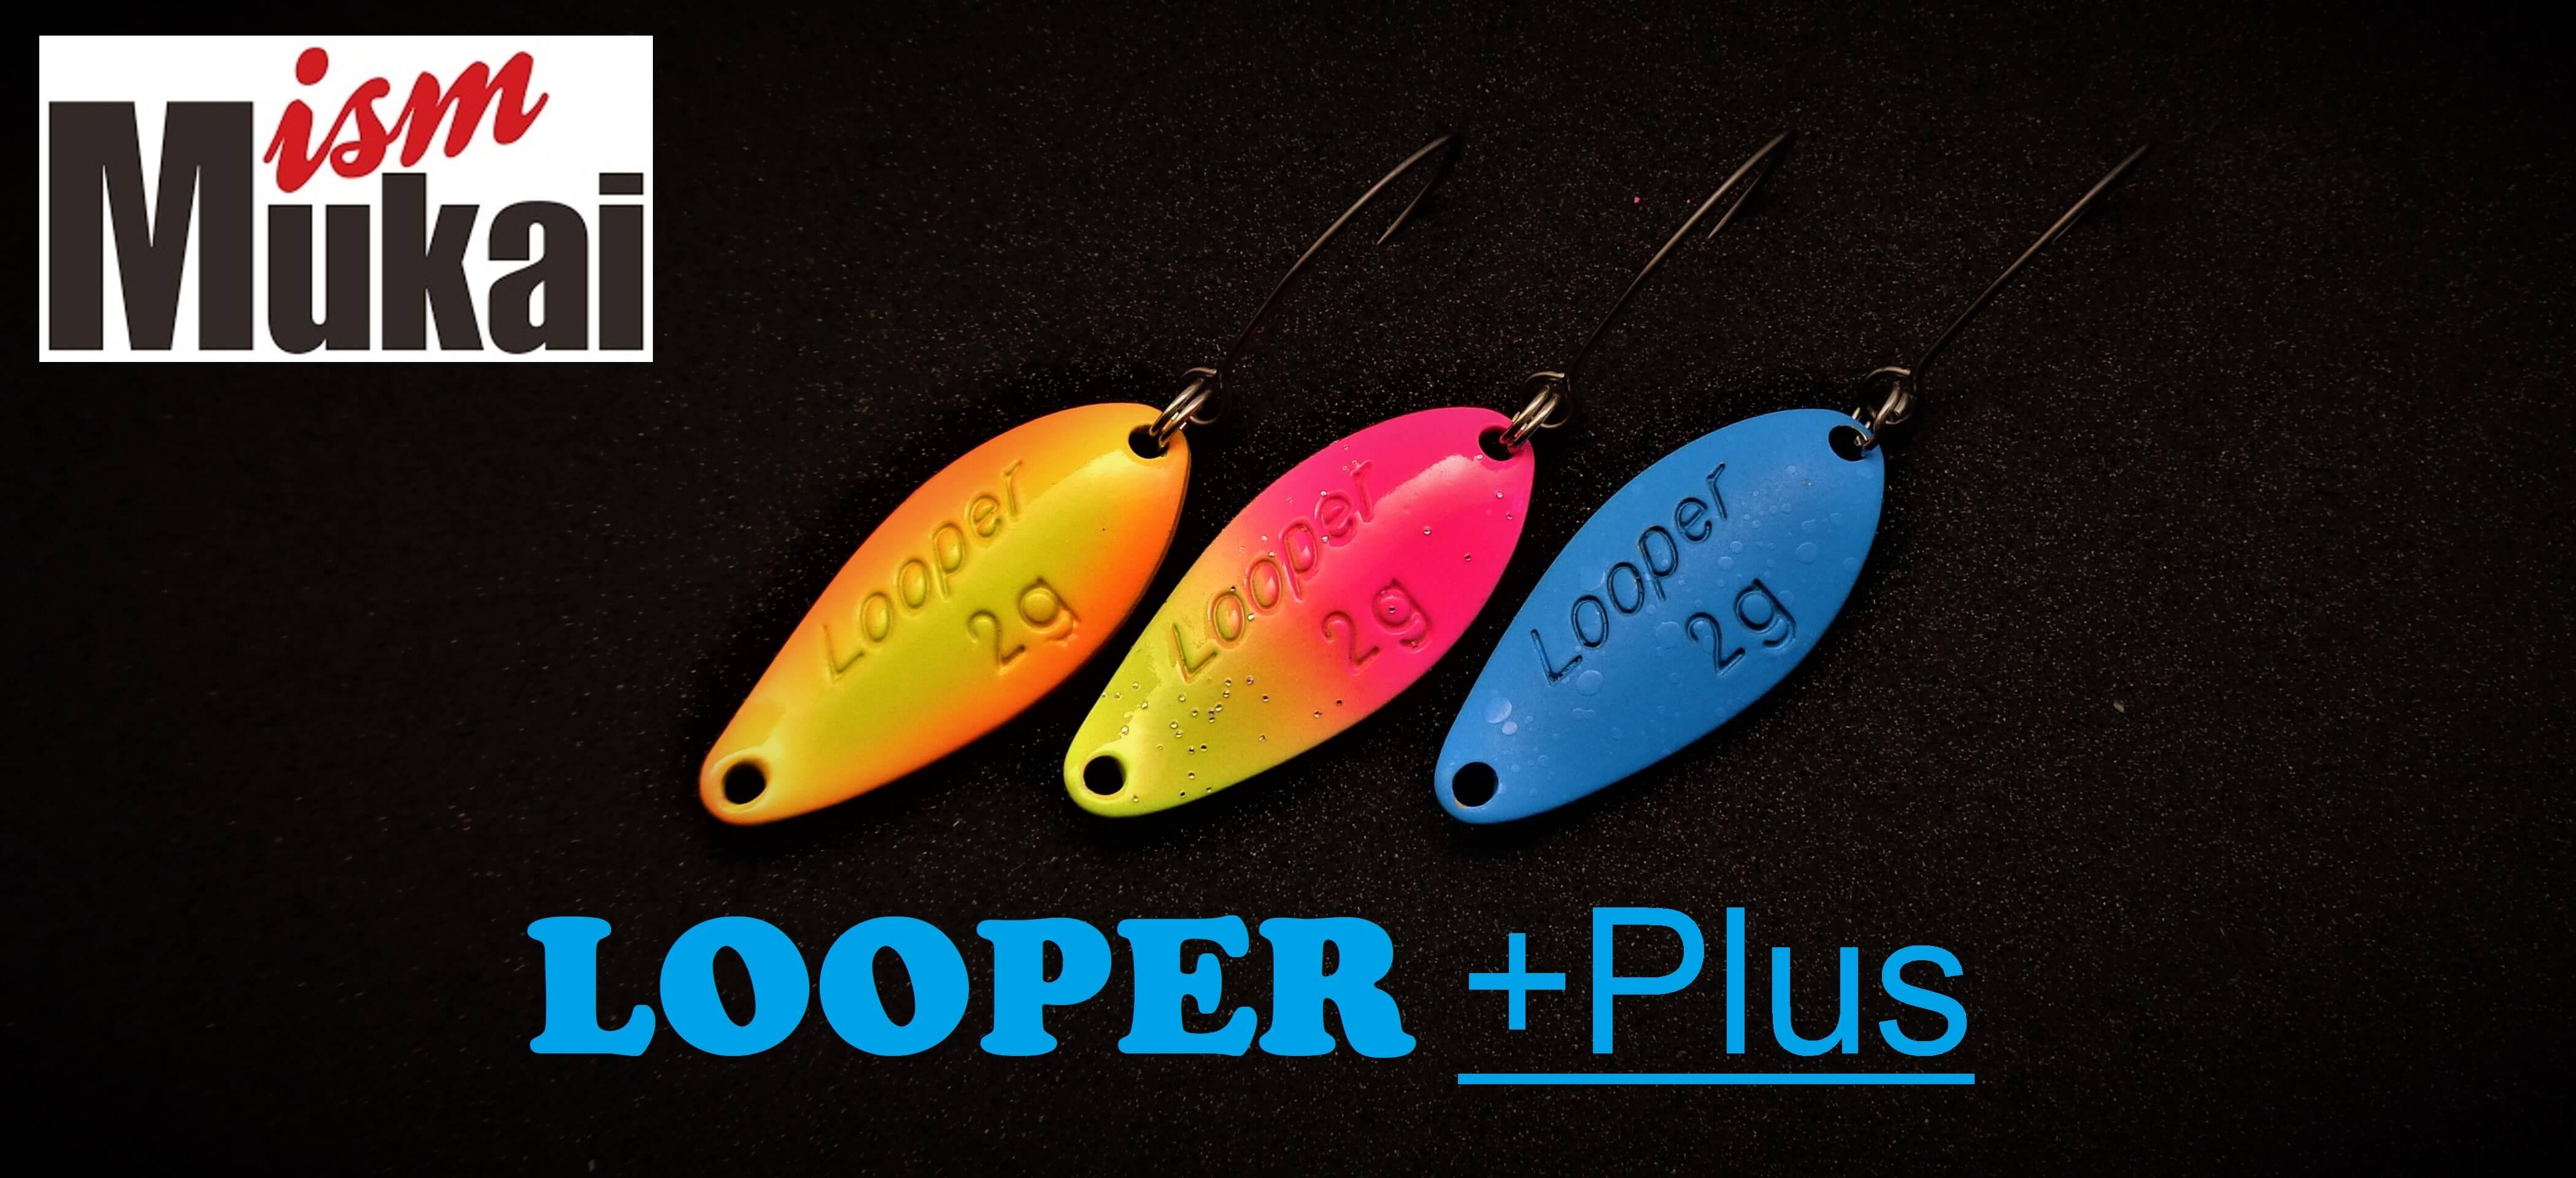 Mukai Looper + Plus Spoon